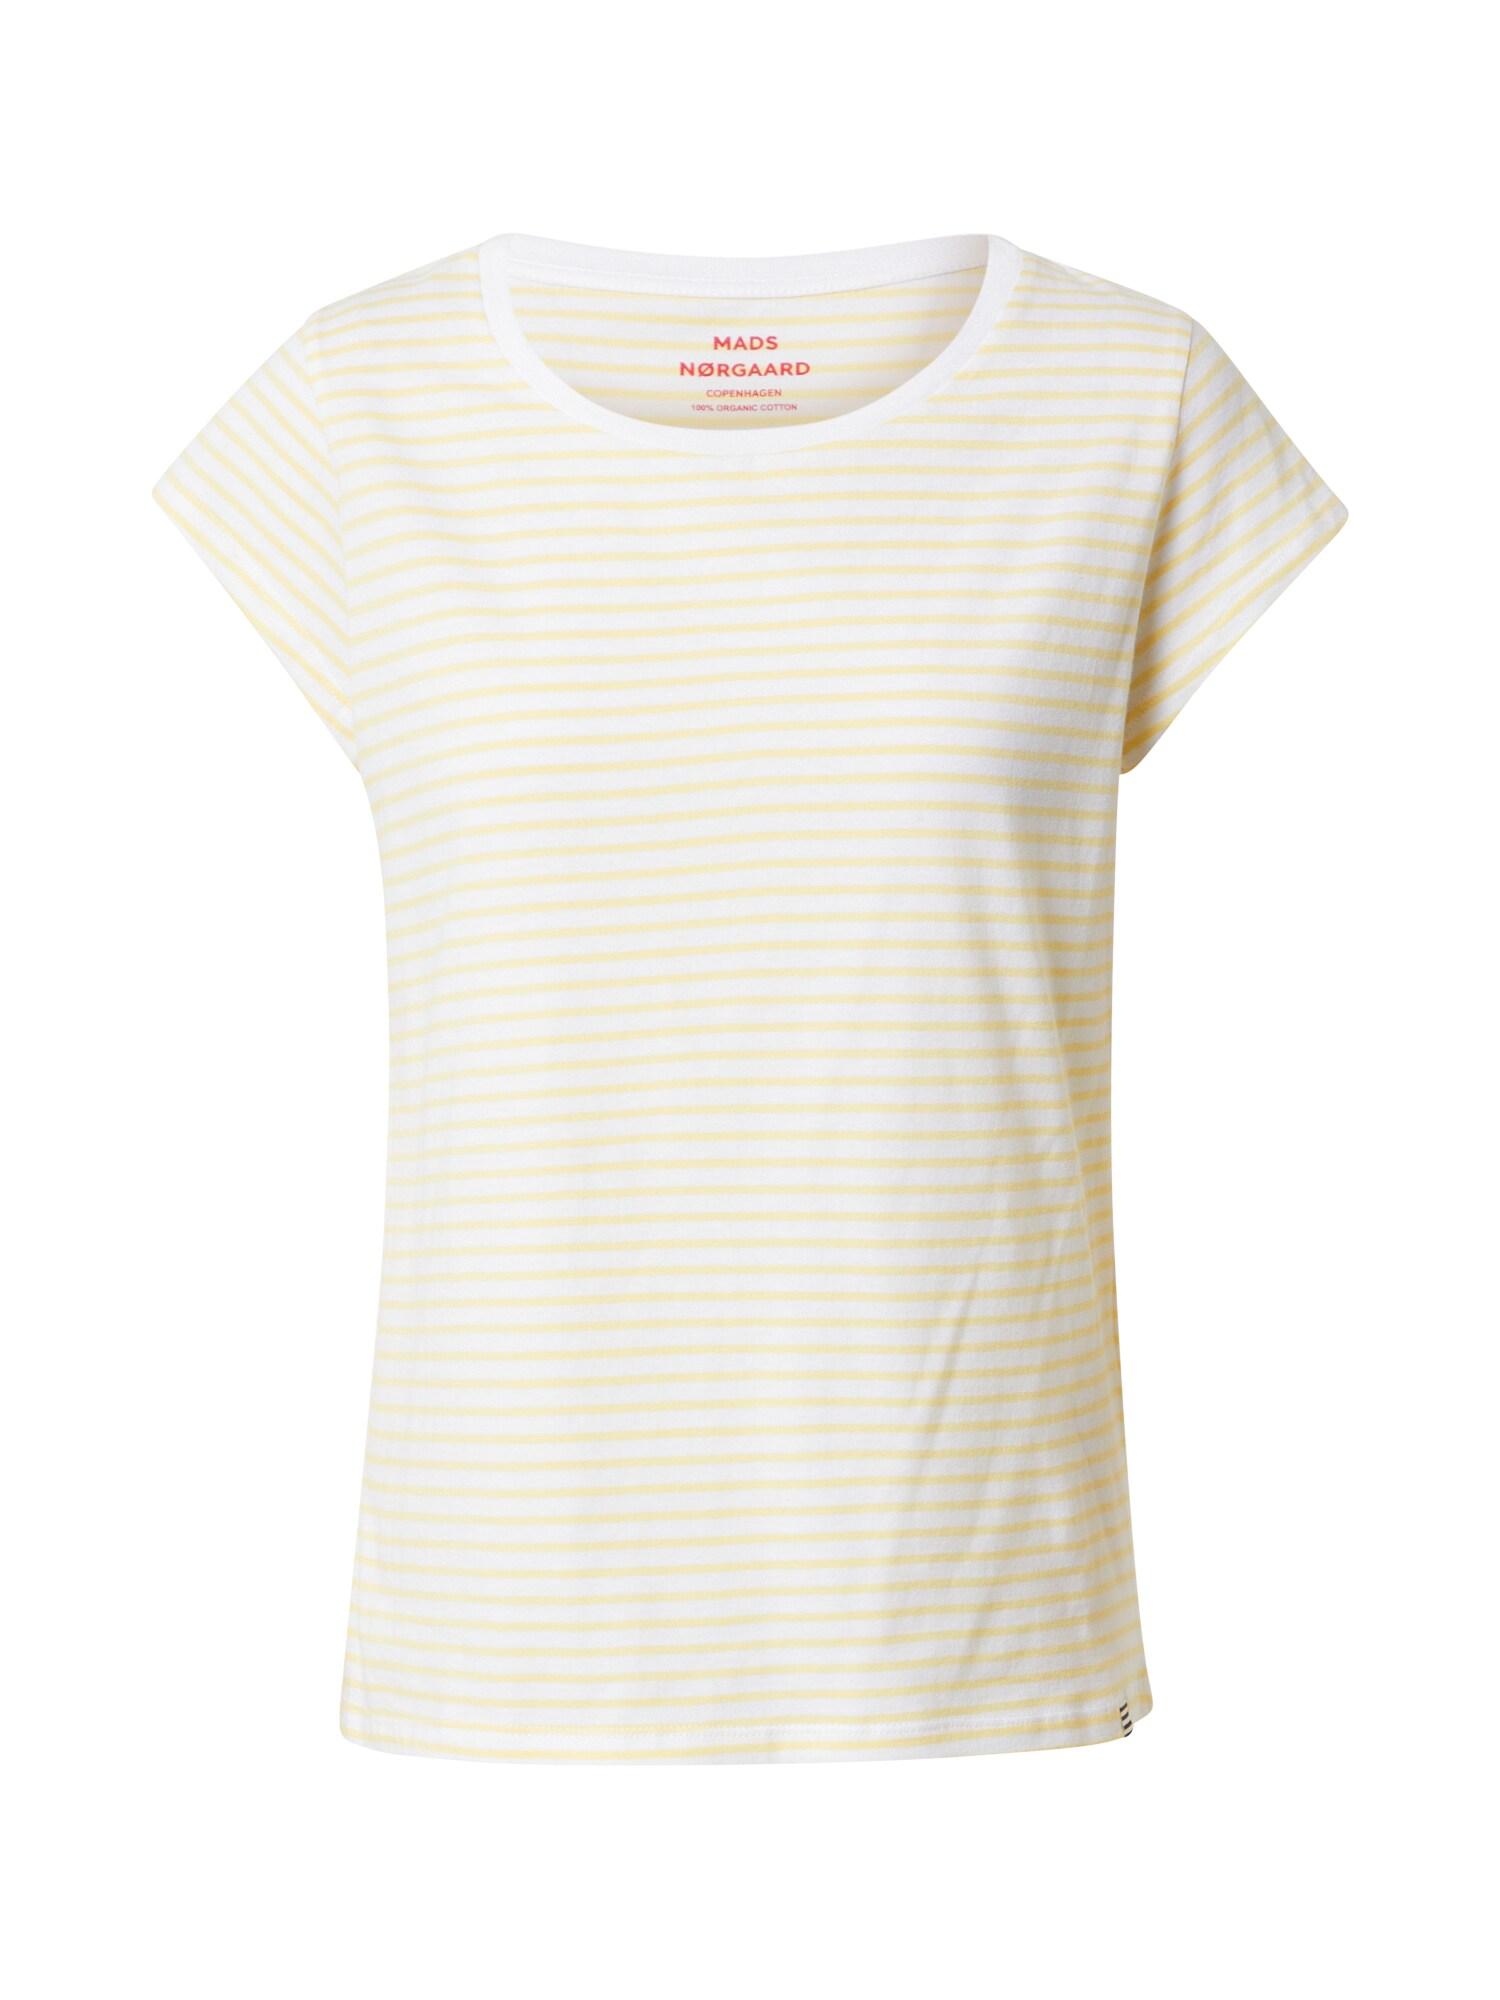 MADS NORGAARD COPENHAGEN Marškinėliai balta / šviesiai geltona